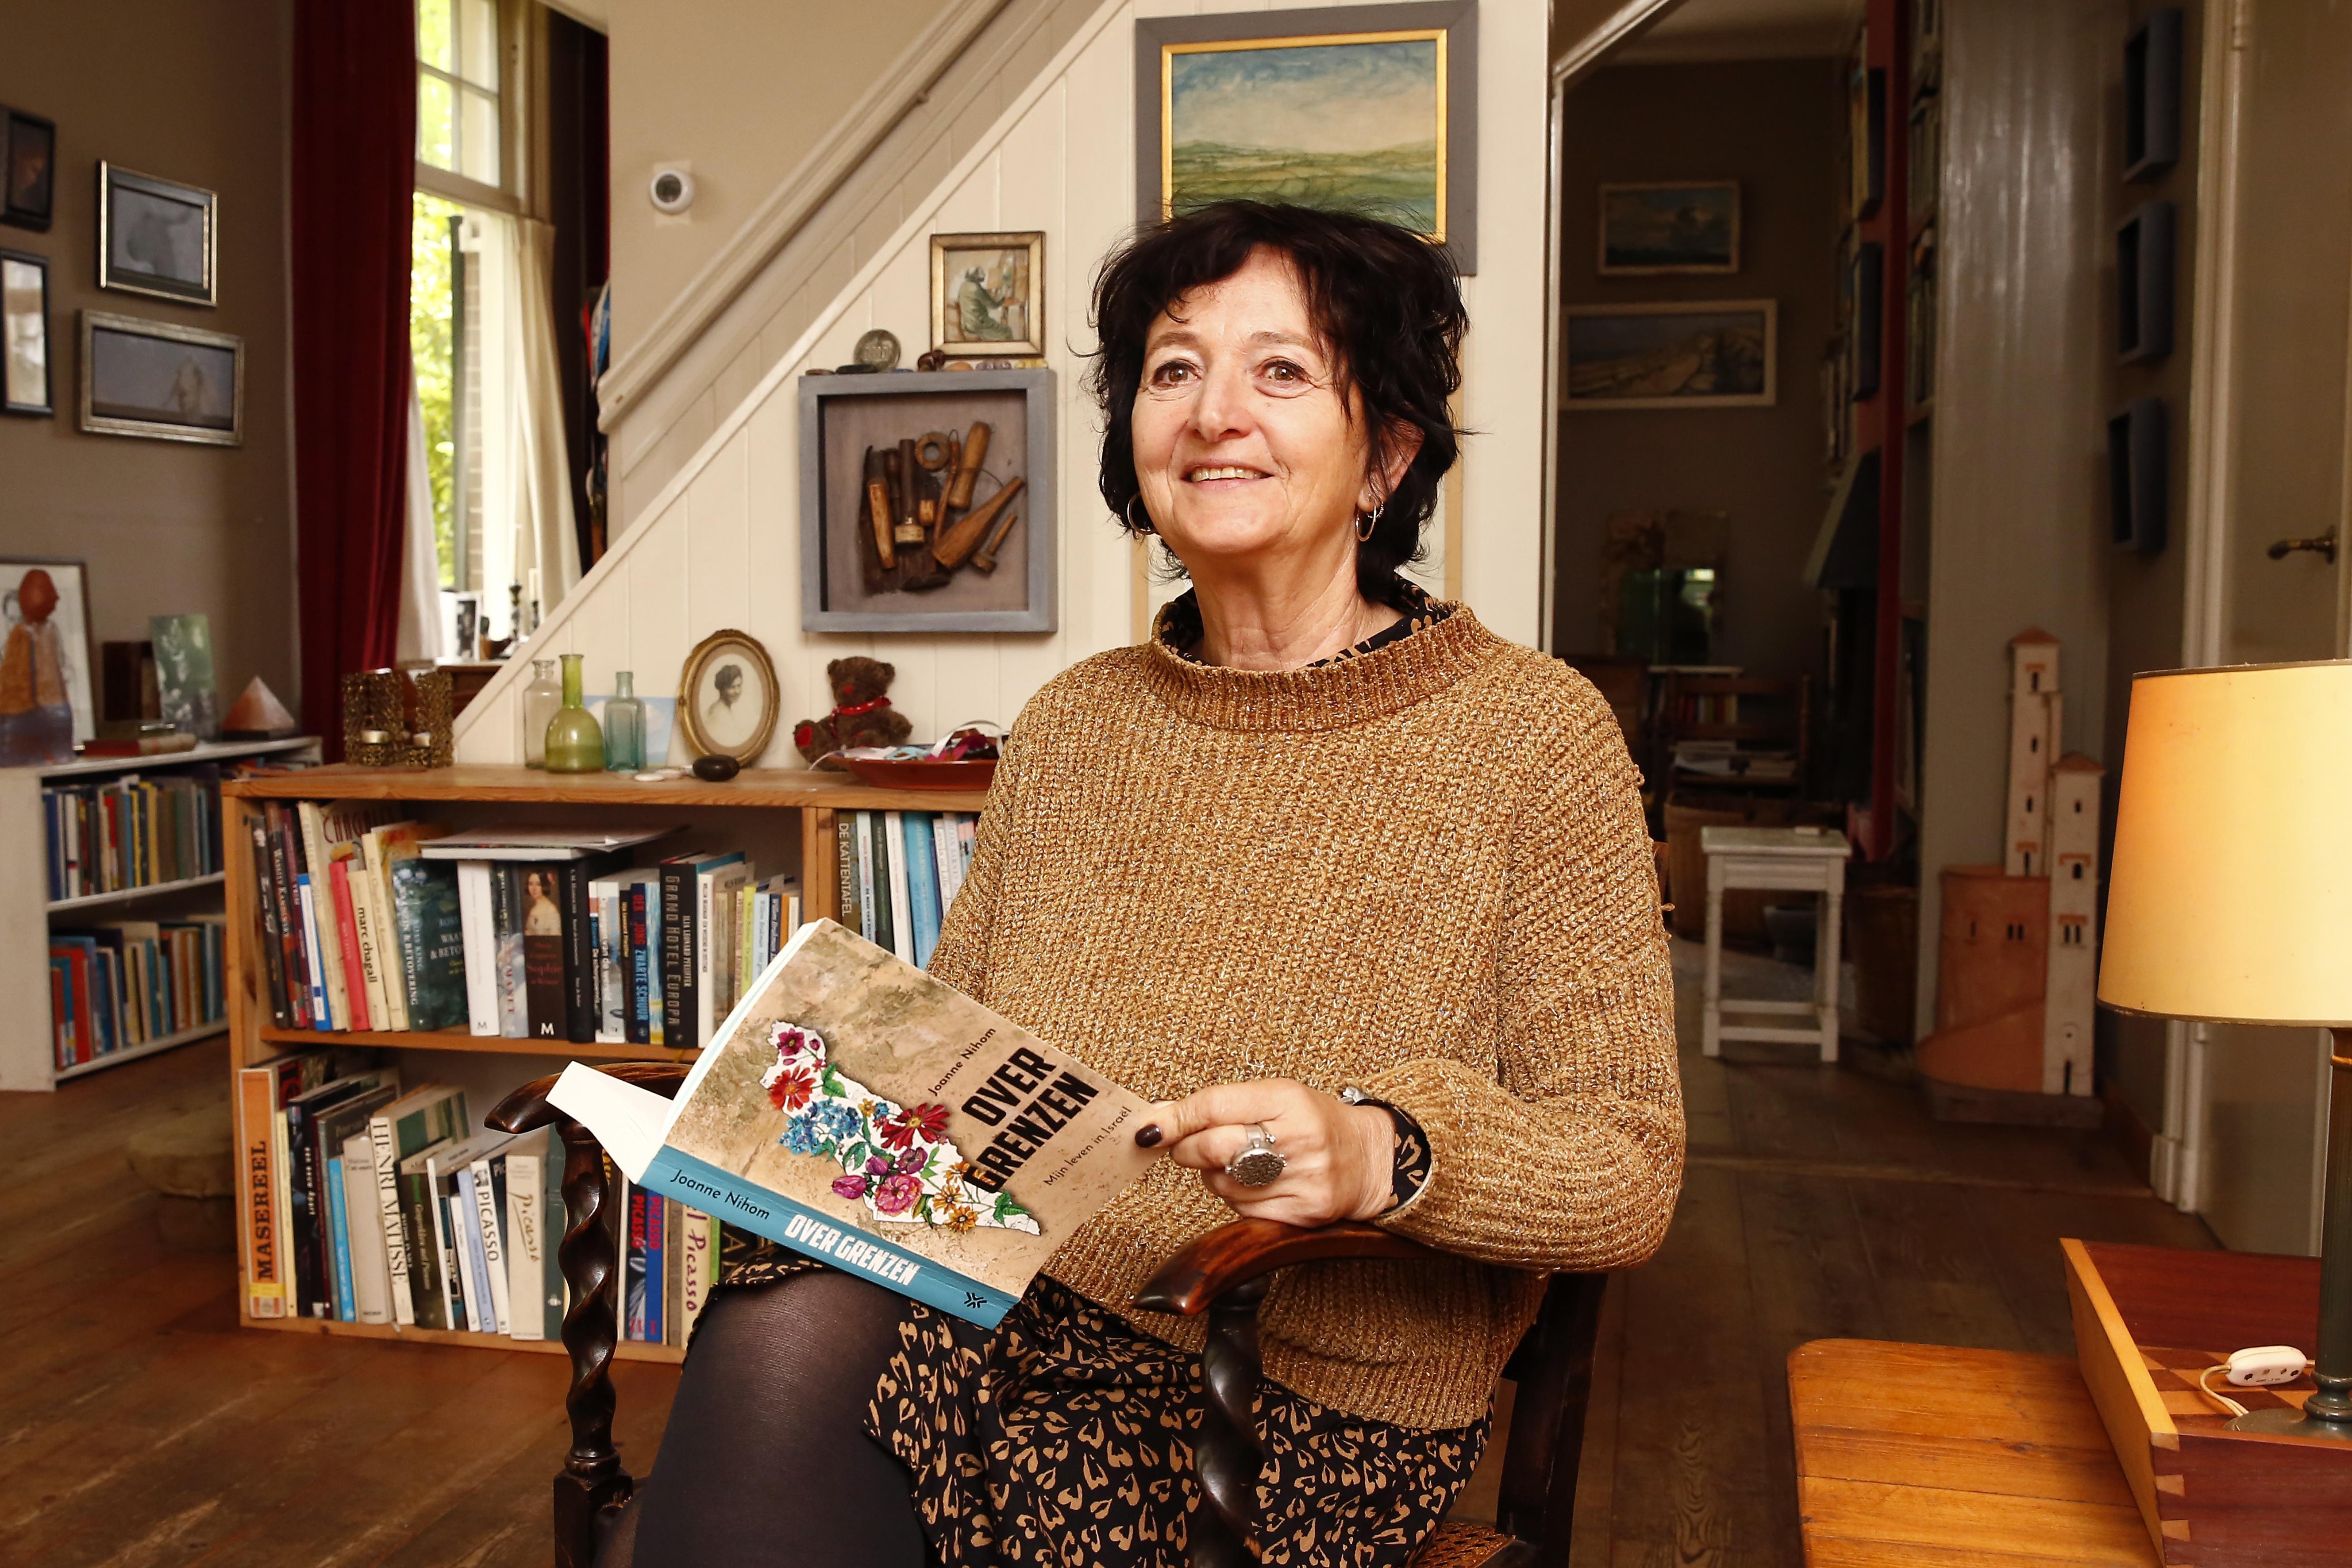 De Blaricumse Joanne Nihom woont al 17 jaar in Israël; 'Media geven een vertekend beeld van het leven hier. Israël is meer dan alleen oorlog'